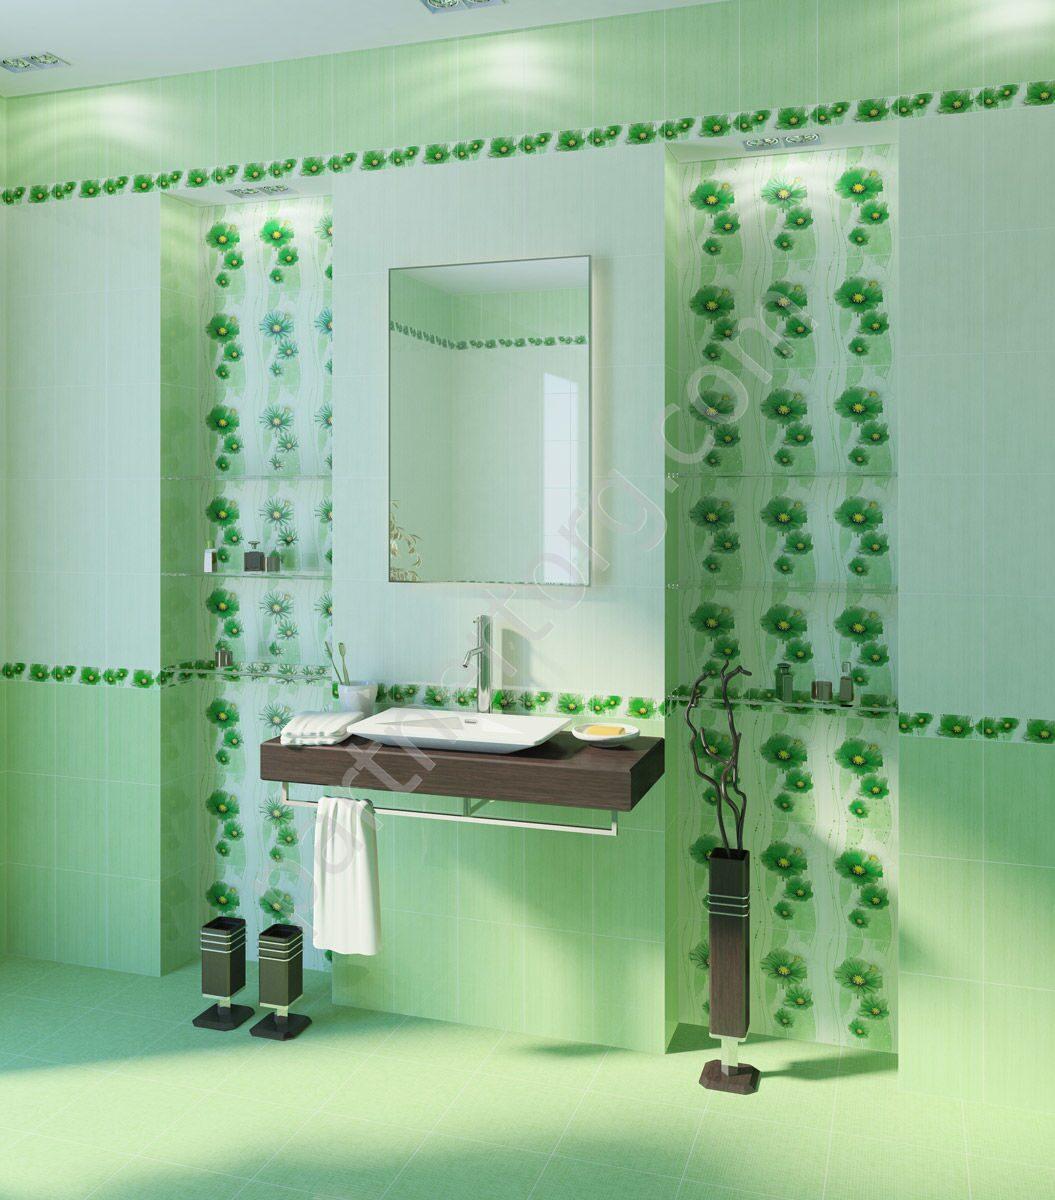 ciment colle carrelage hydrofuge le tampon issy les. Black Bedroom Furniture Sets. Home Design Ideas